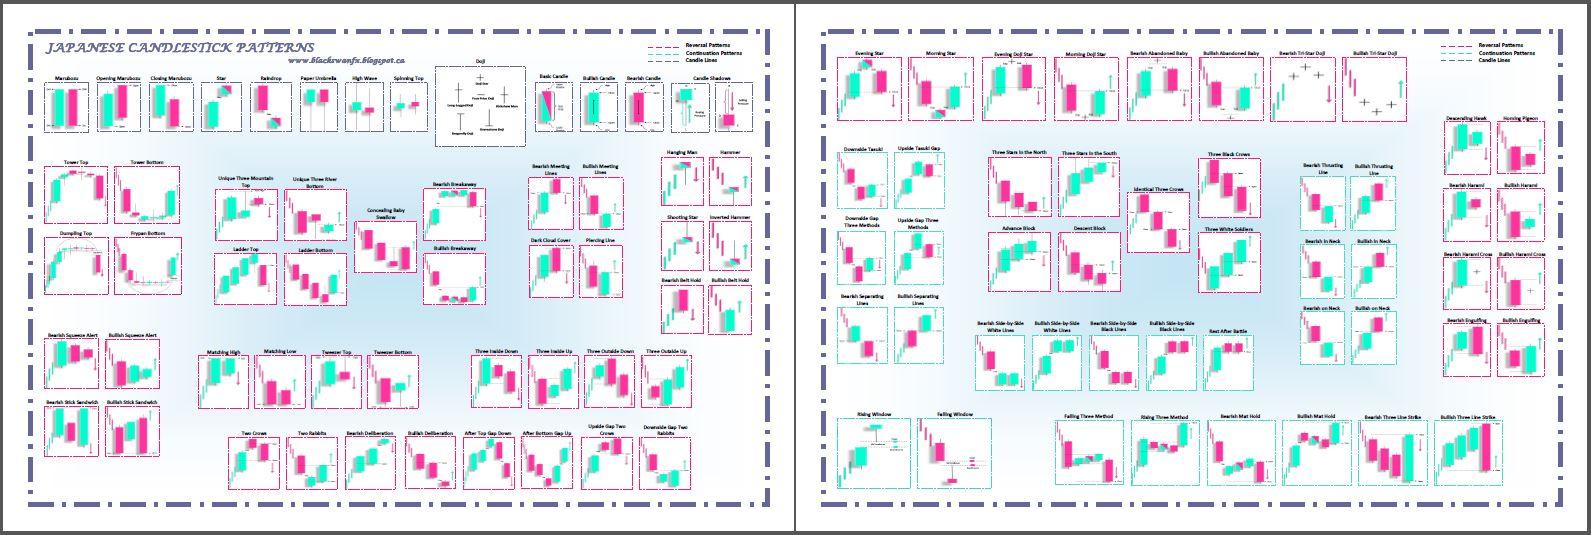 hogyan lehet kereskedni a nonfarm bérszámfejtés bináris opcióival